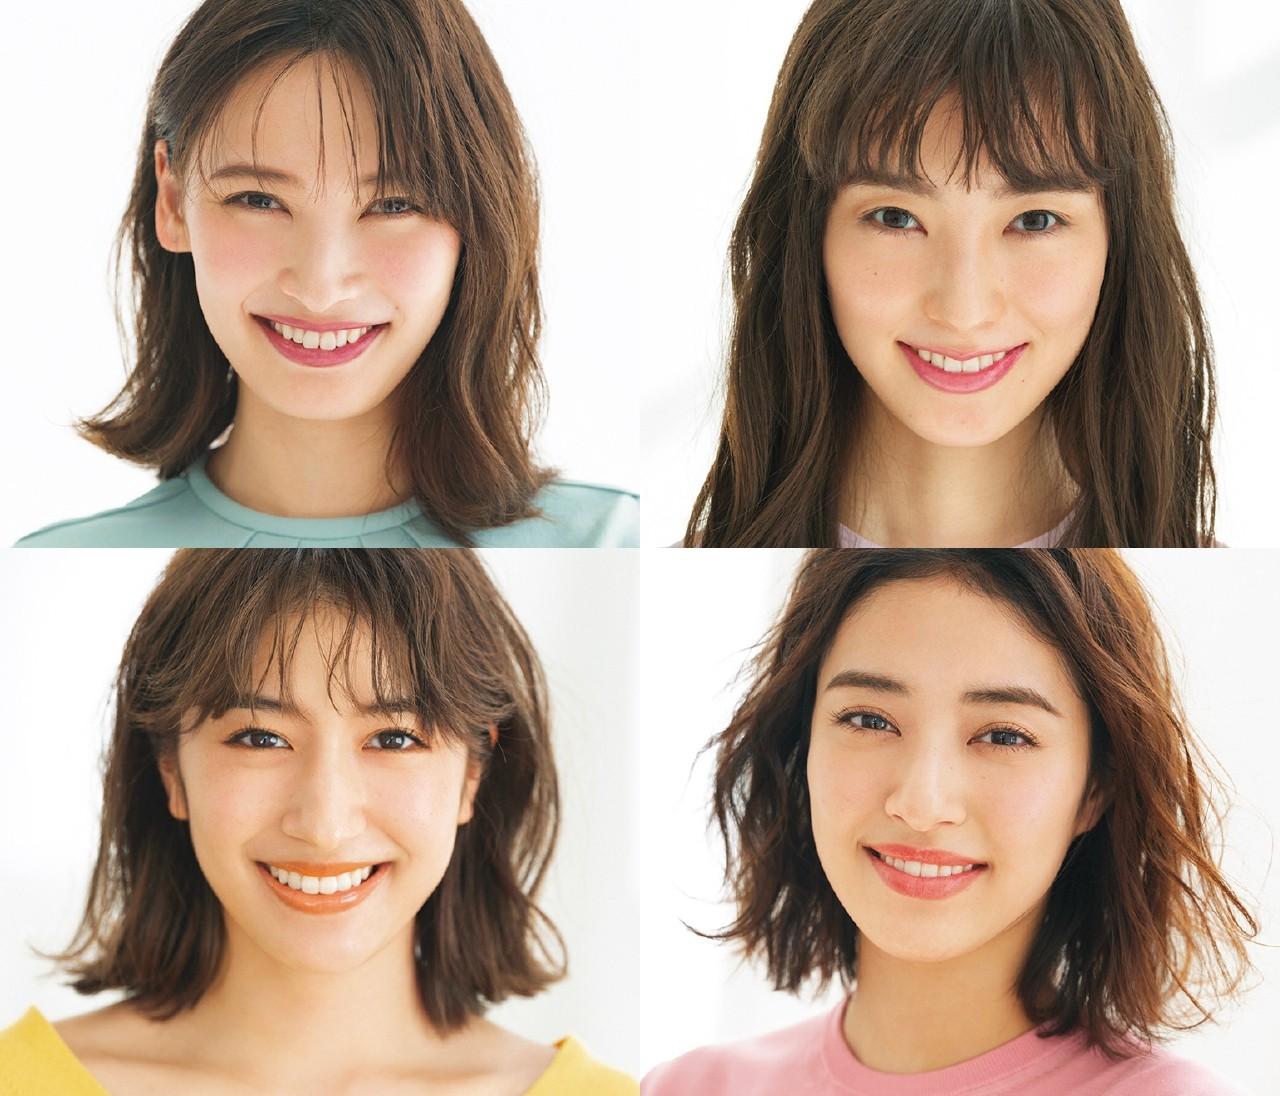 【カラー診断】「肌の色×顔立ち」から自分に似合う<きれい色>を見つけよう!